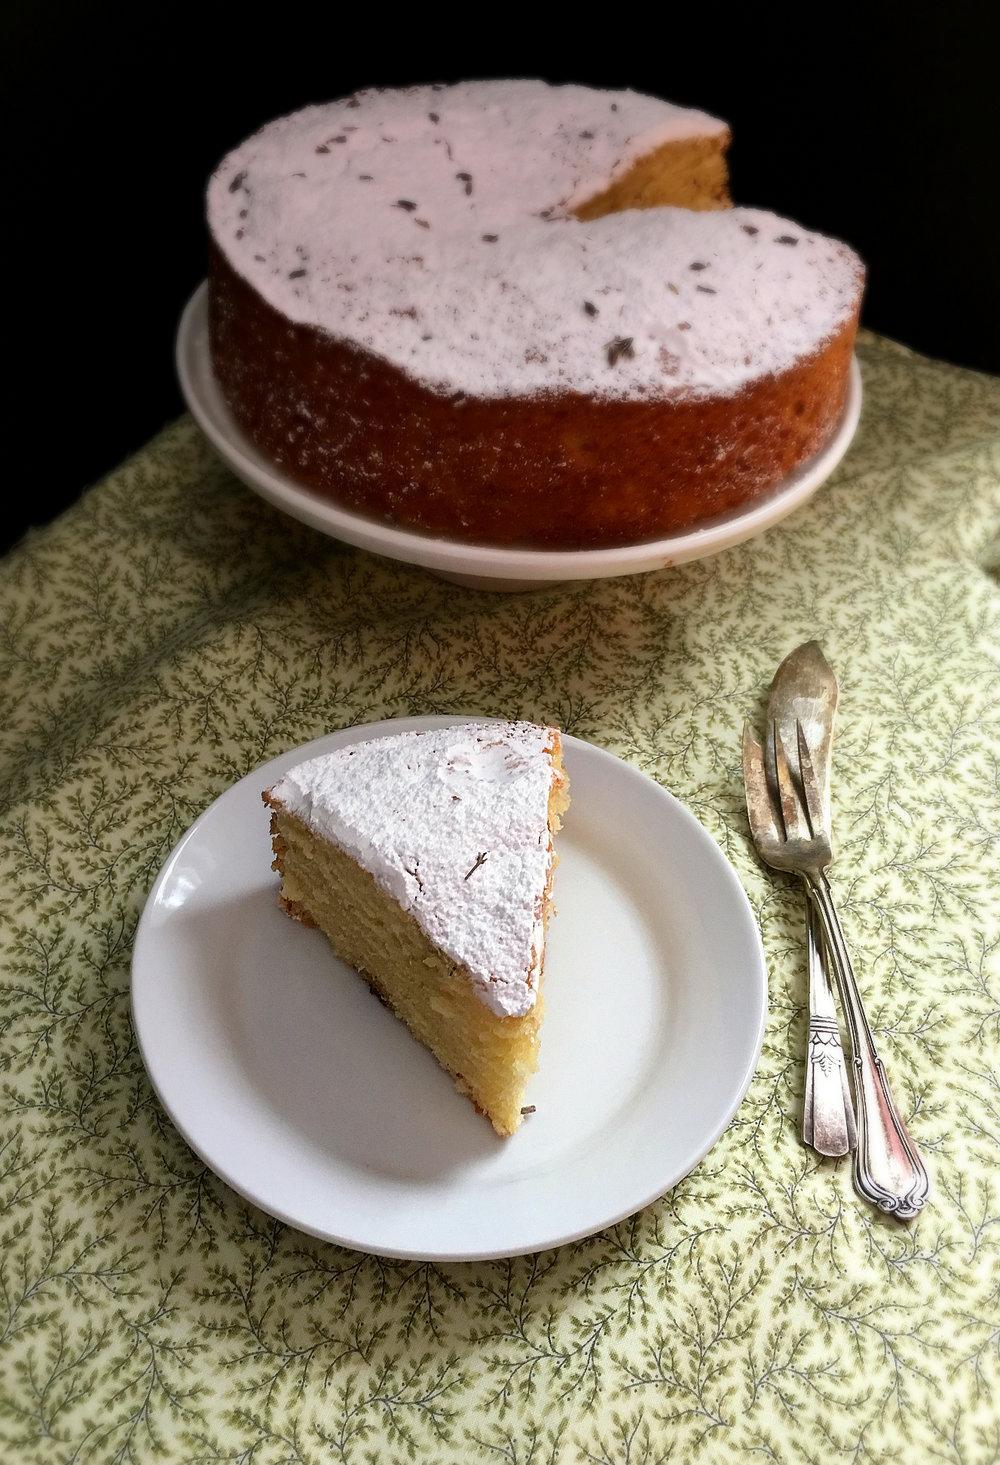 Lemon Lavender Cake by Dena T Bray